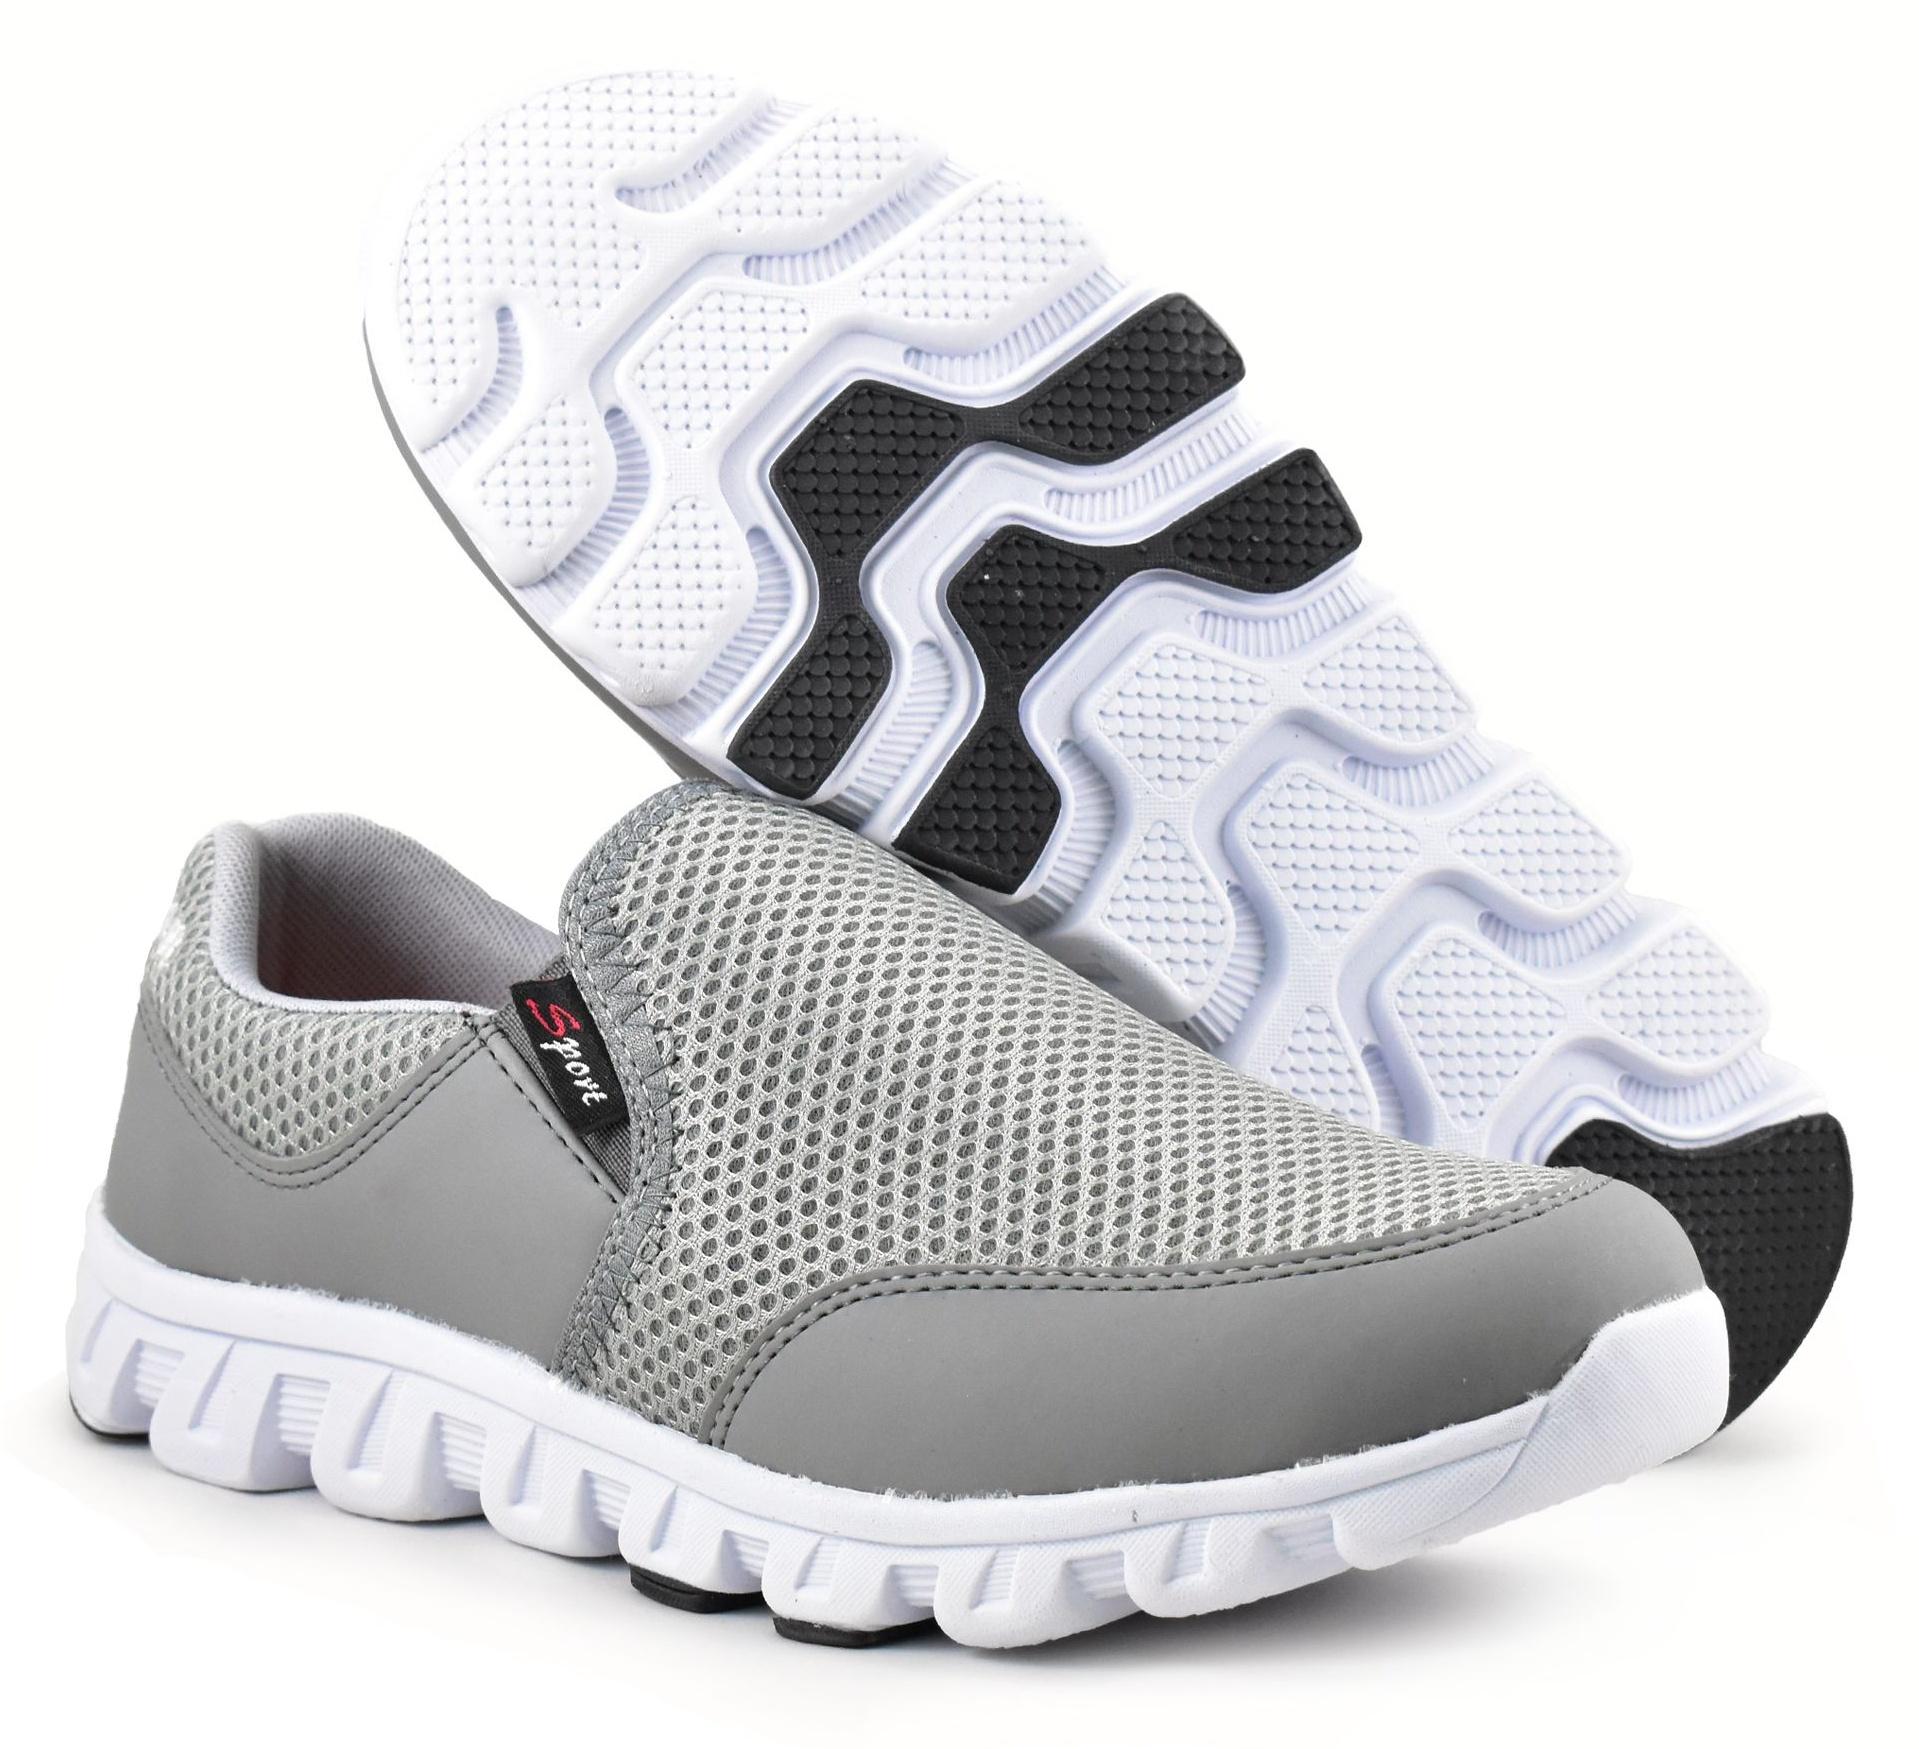 کفش مخصوص پیاده روی مردانه کد 4531